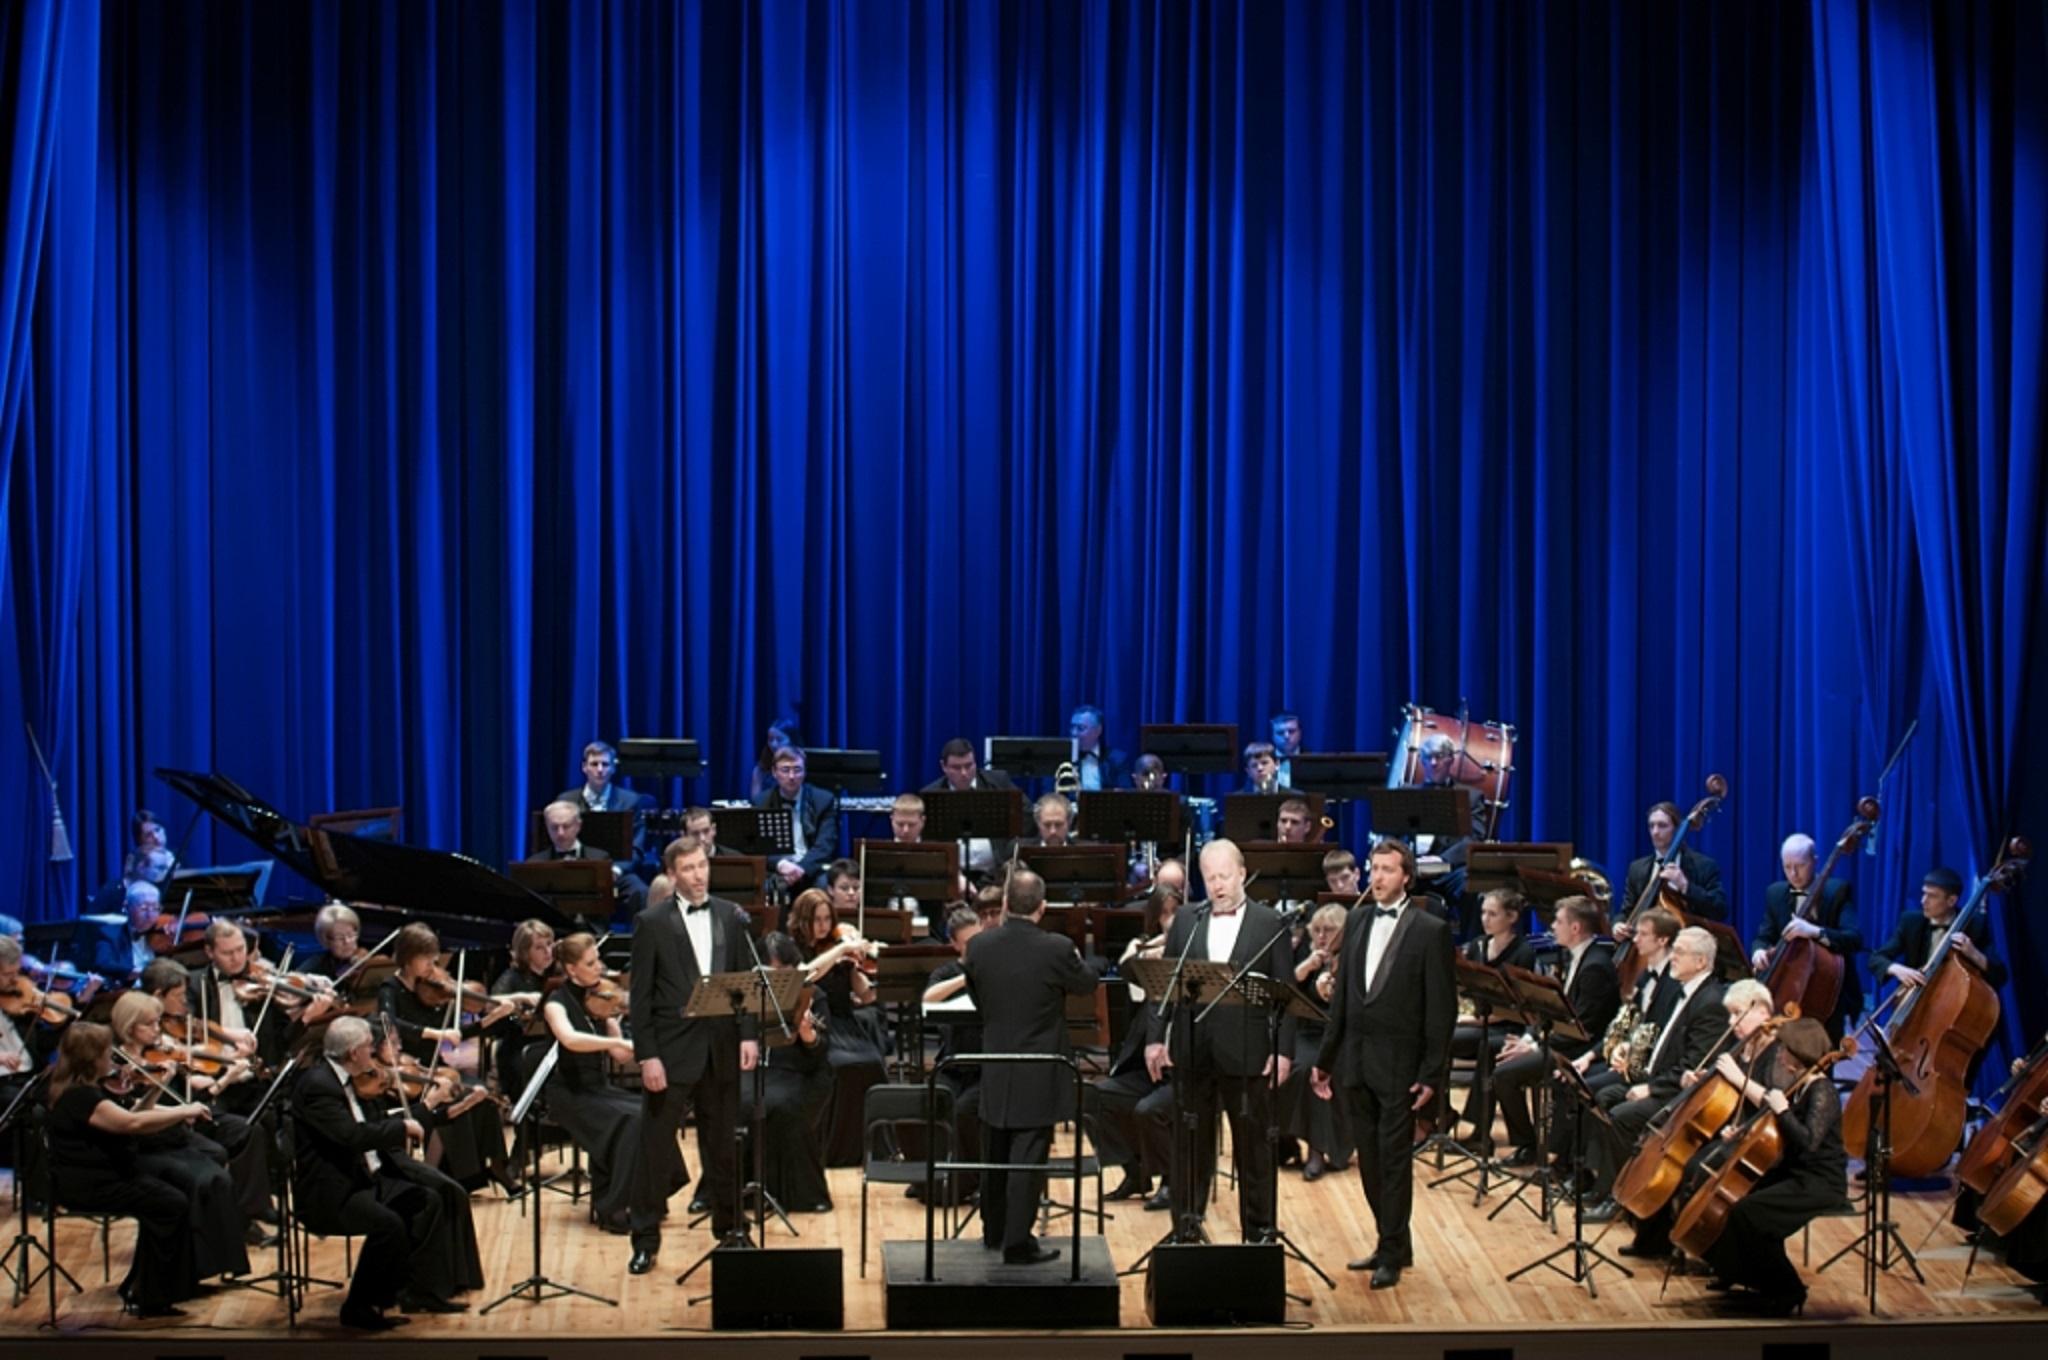 Три баса-профундо в сопровождении симфонического оркестра